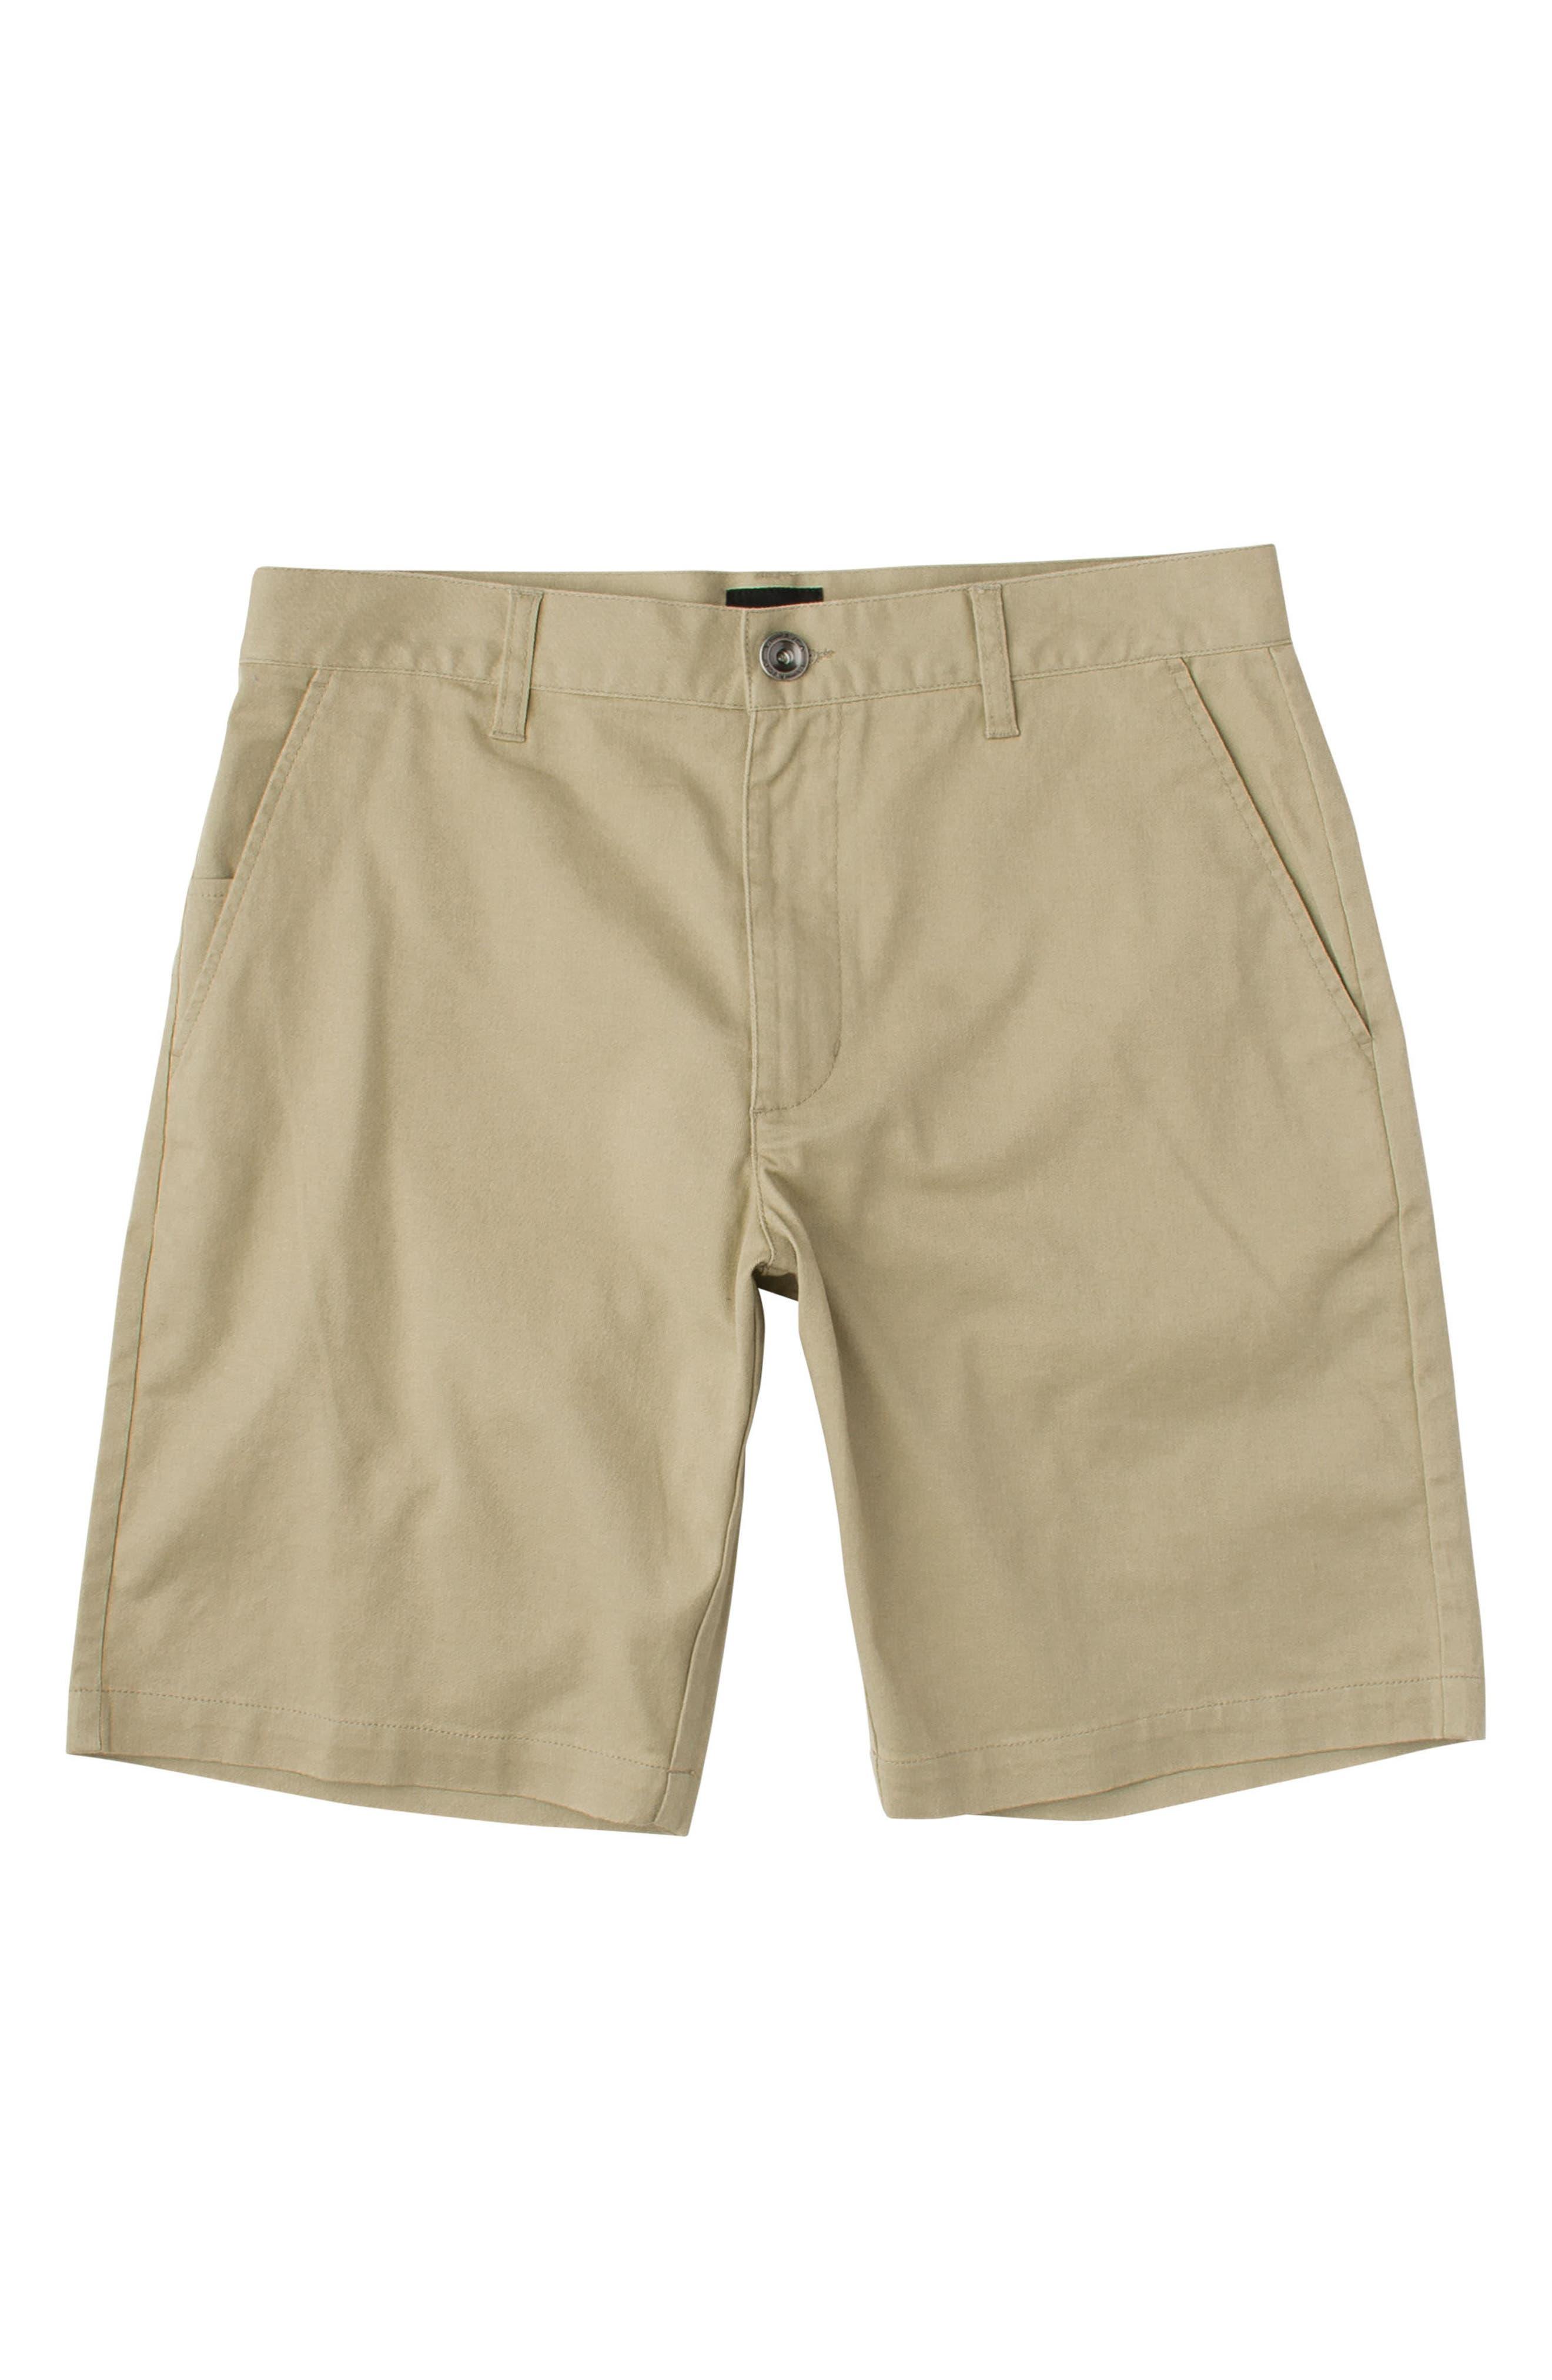 'Weekday' Shorts,                         Main,                         color, 260